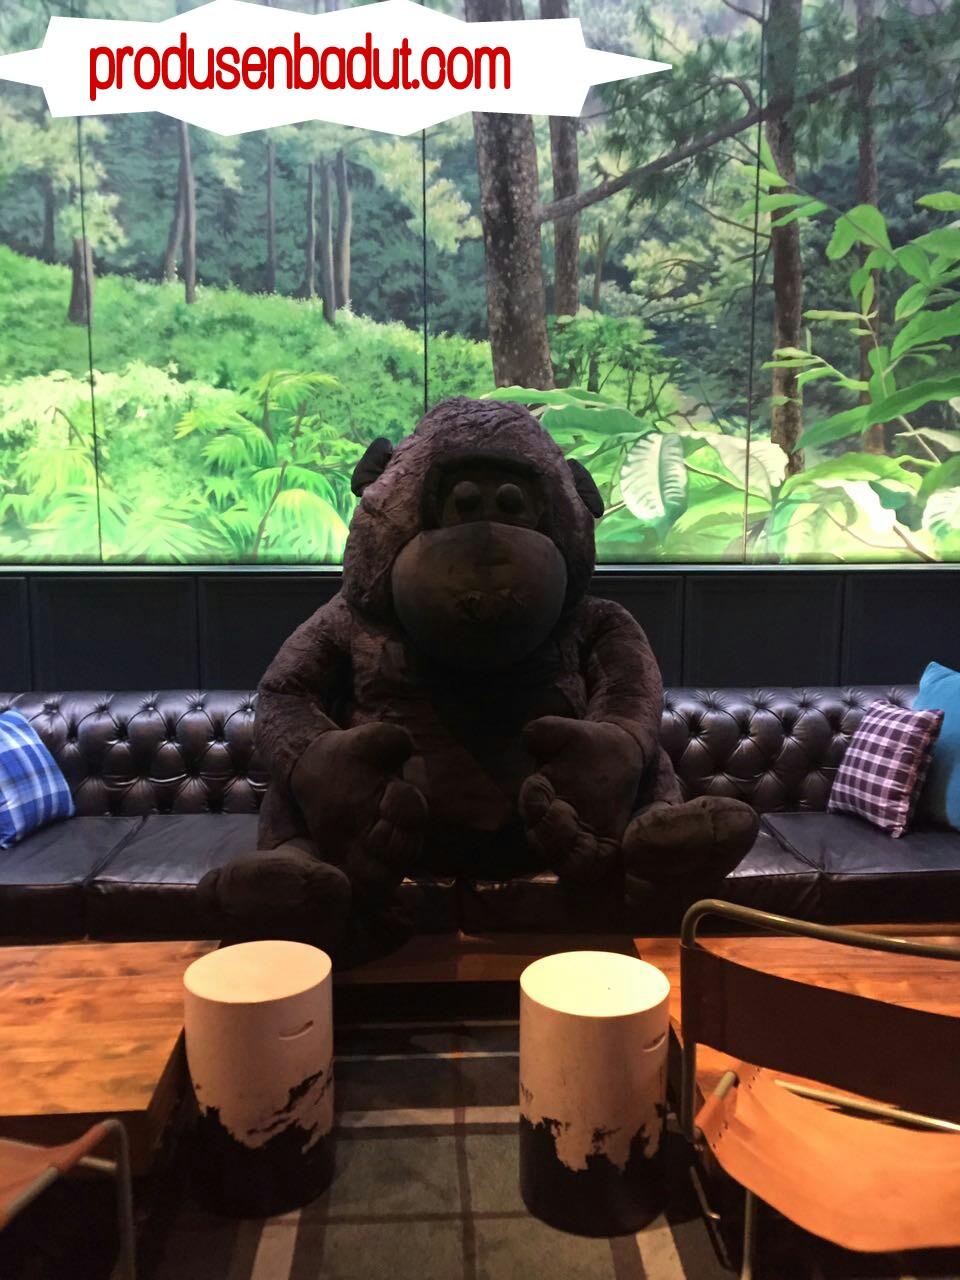 Produsen Badut Maskot Giant Gorilla untuk Kafe di Bandung